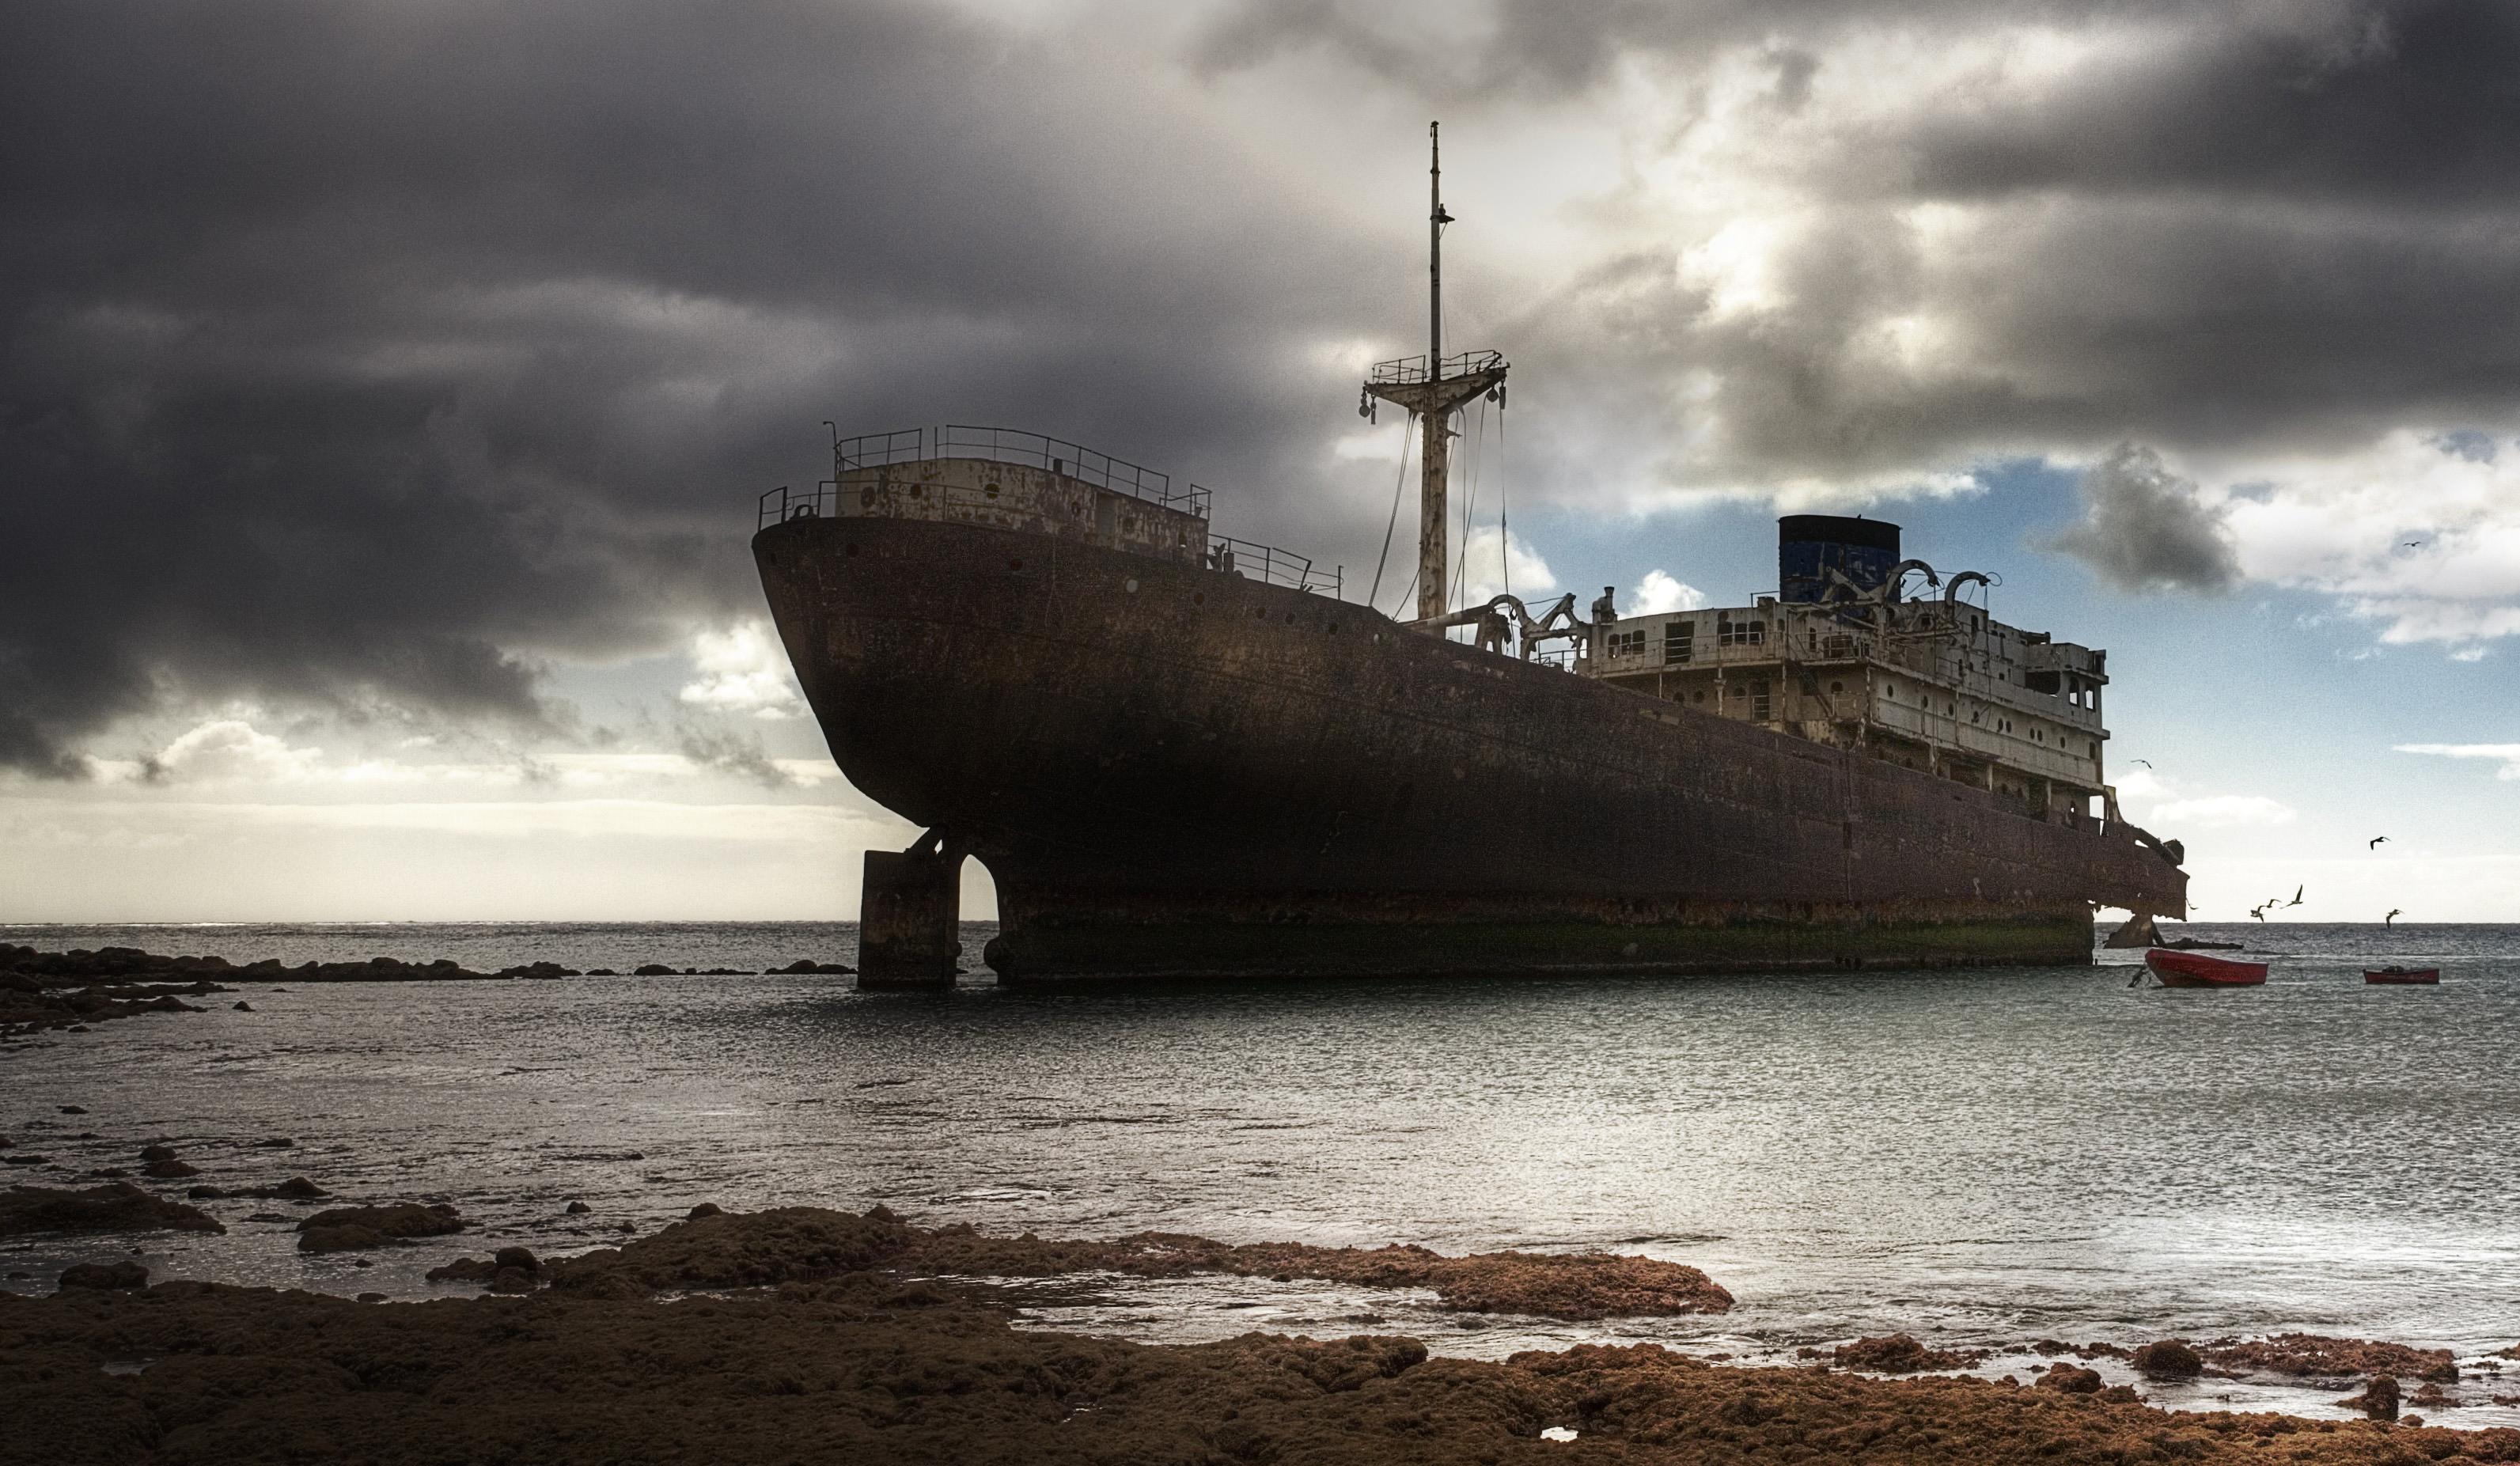 Res: 3185x1853, Shipwreck